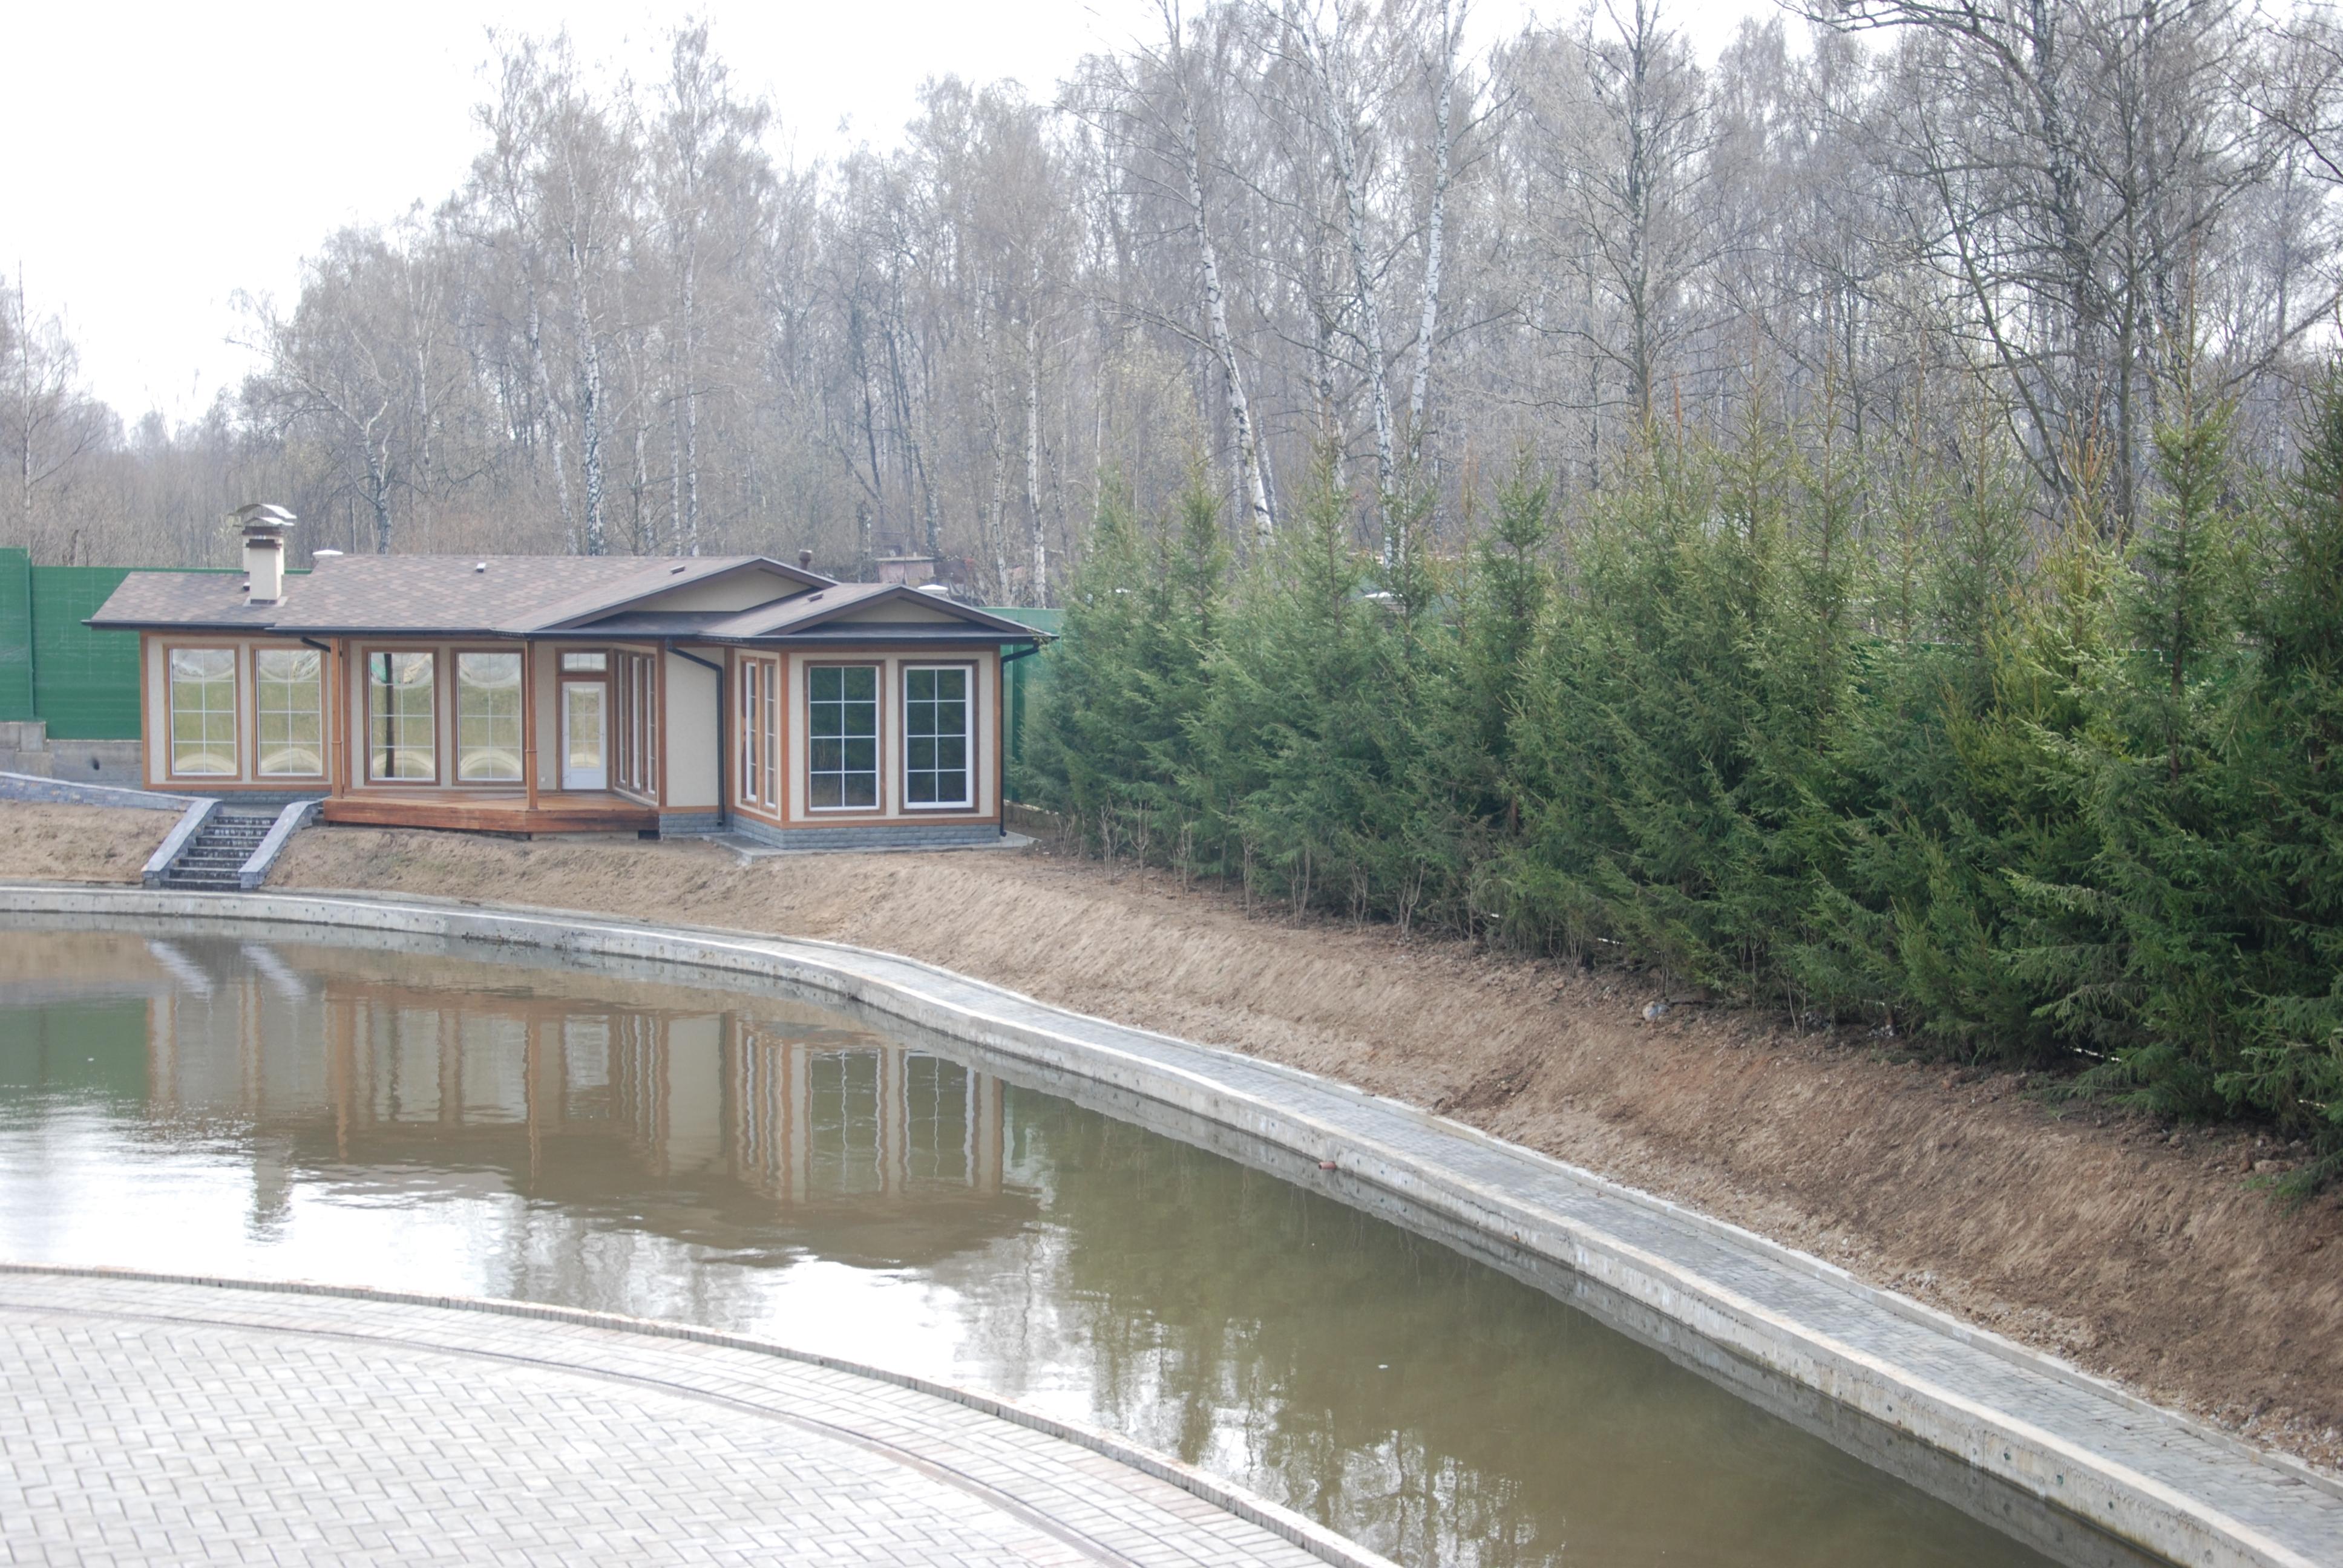 устройство пруда на участке от компании Русский парк russian-park.ru